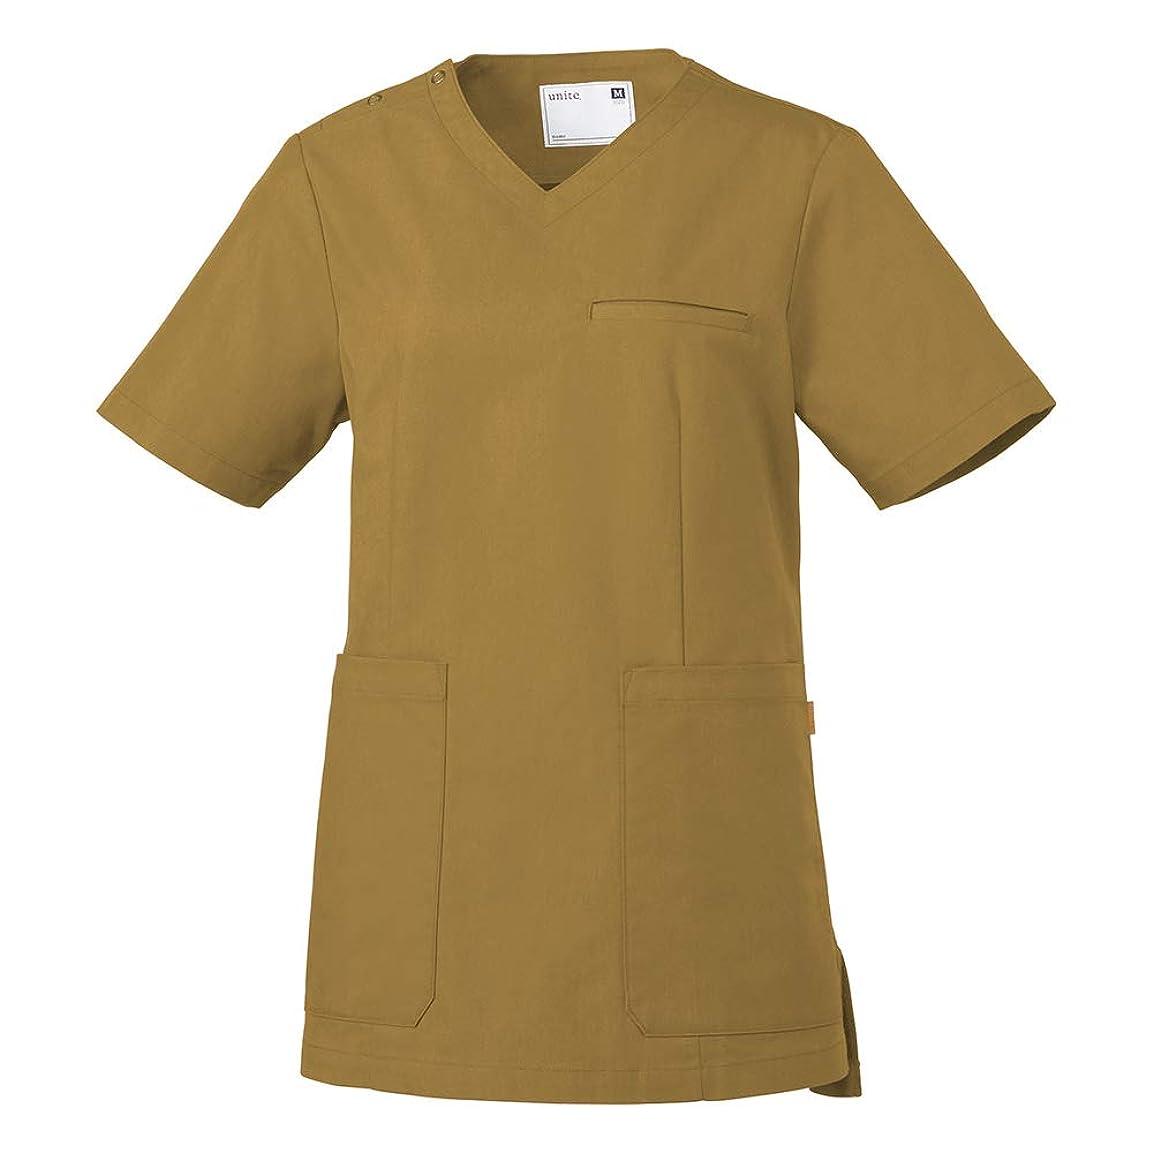 着替える構想する学習unite スクラブ 女性用 UN-0070 シナモンベージュ 医療用ユニフォーム